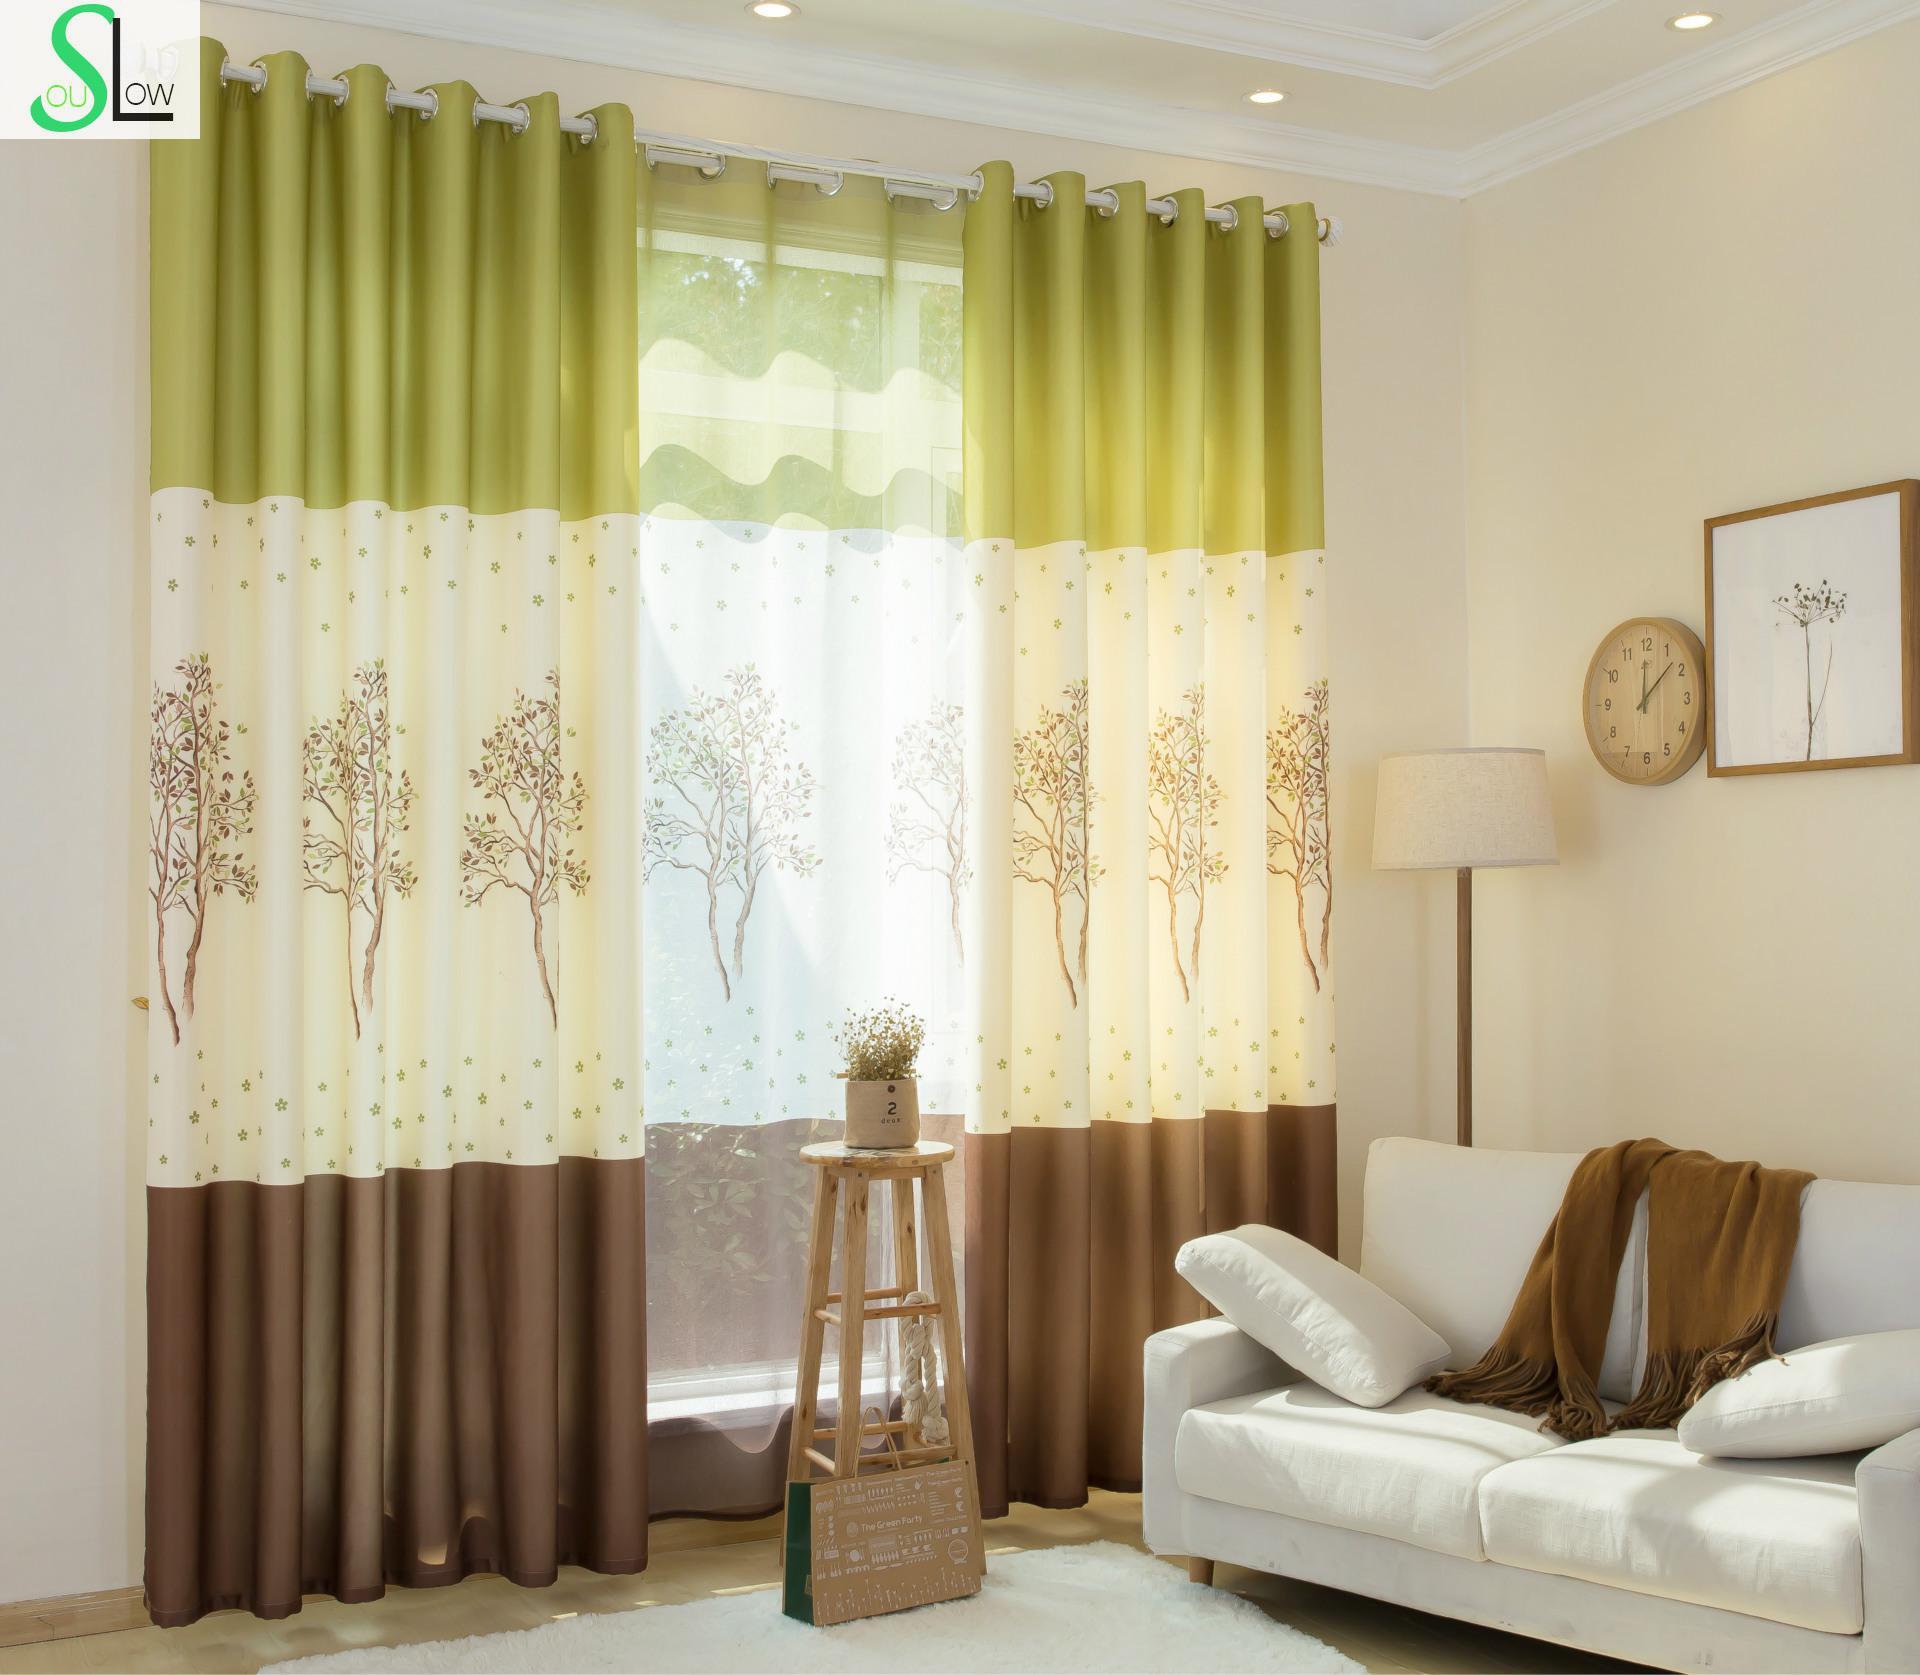 вот зеленые обои и коричневые шторы фото наше время кого